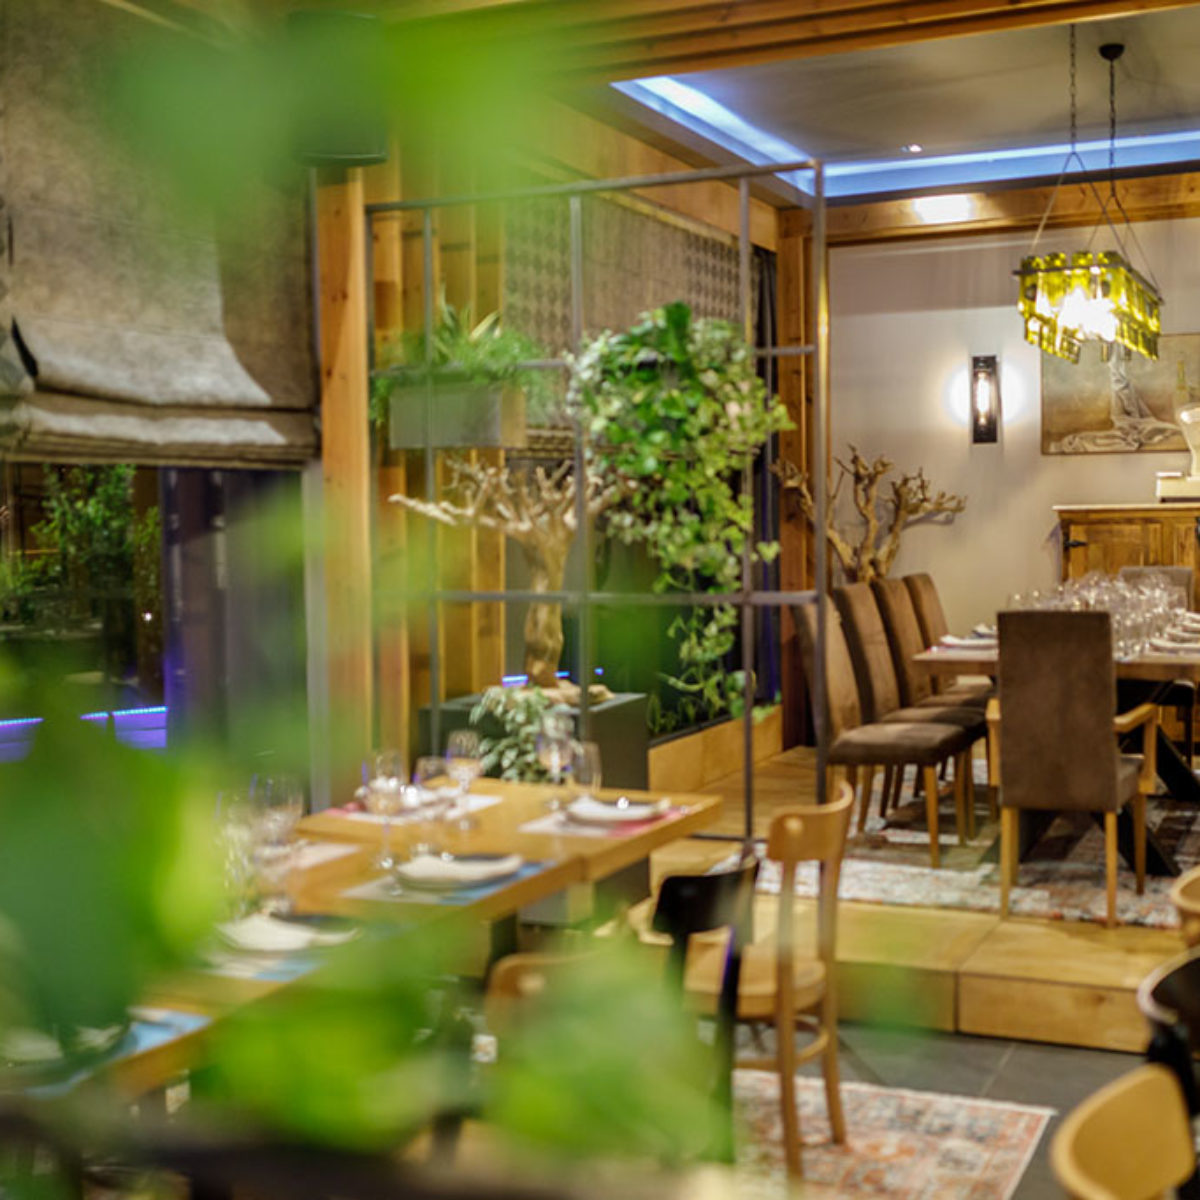 Yiamas Gastro Bar - Εστιατόριο Καλαμάτα - Χώρος 1